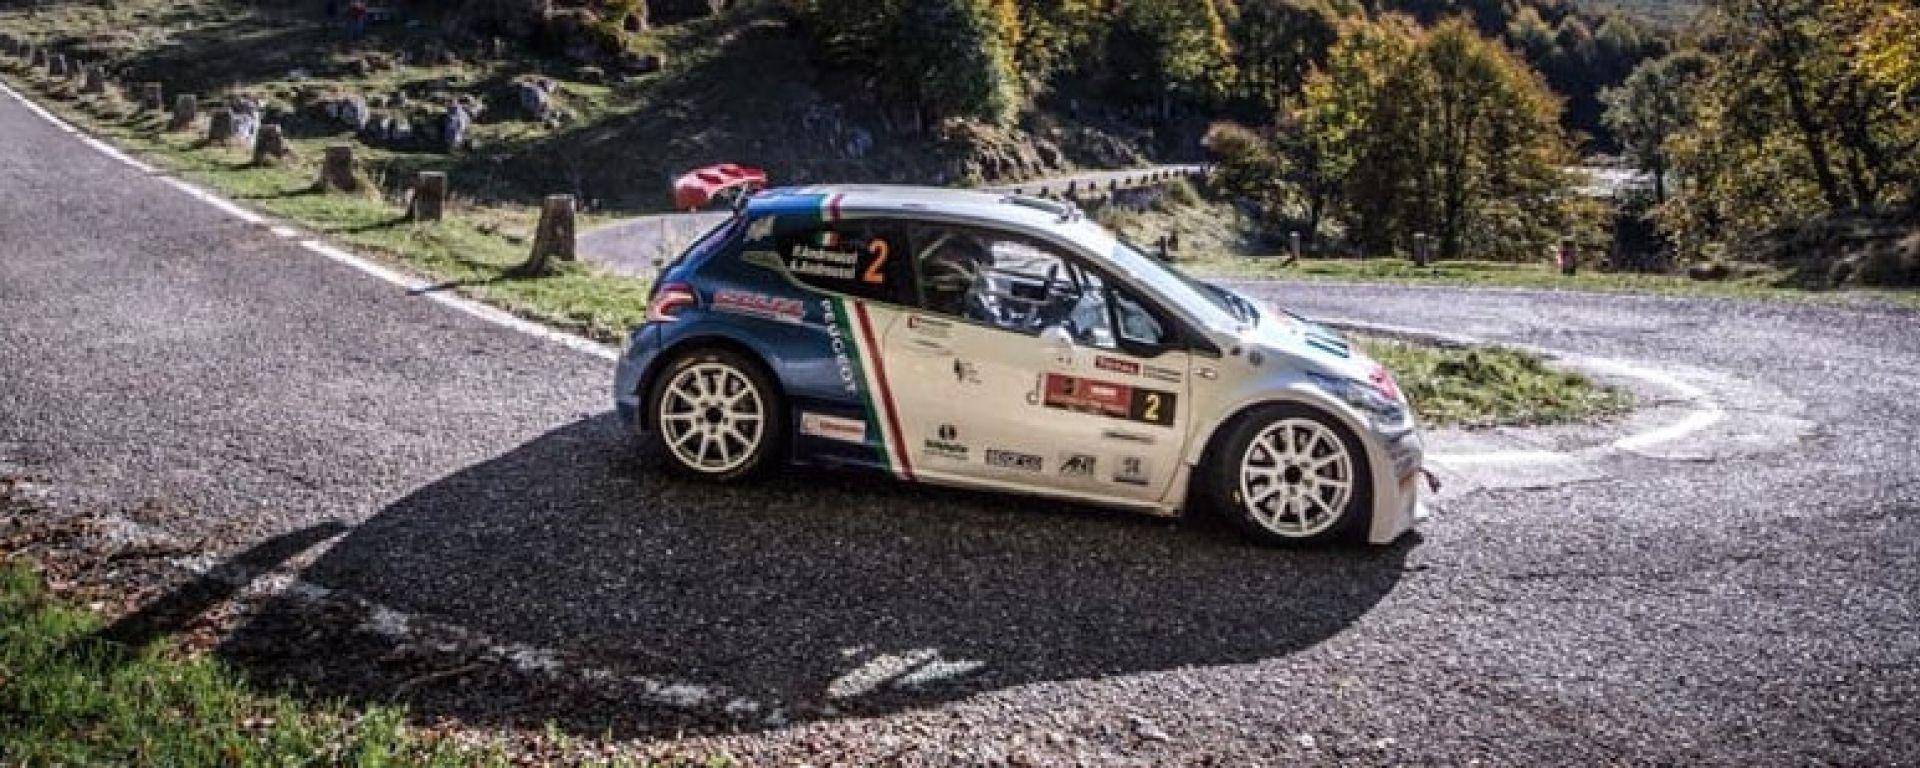 37° Rally Due Valli 2019 - Info e risultati